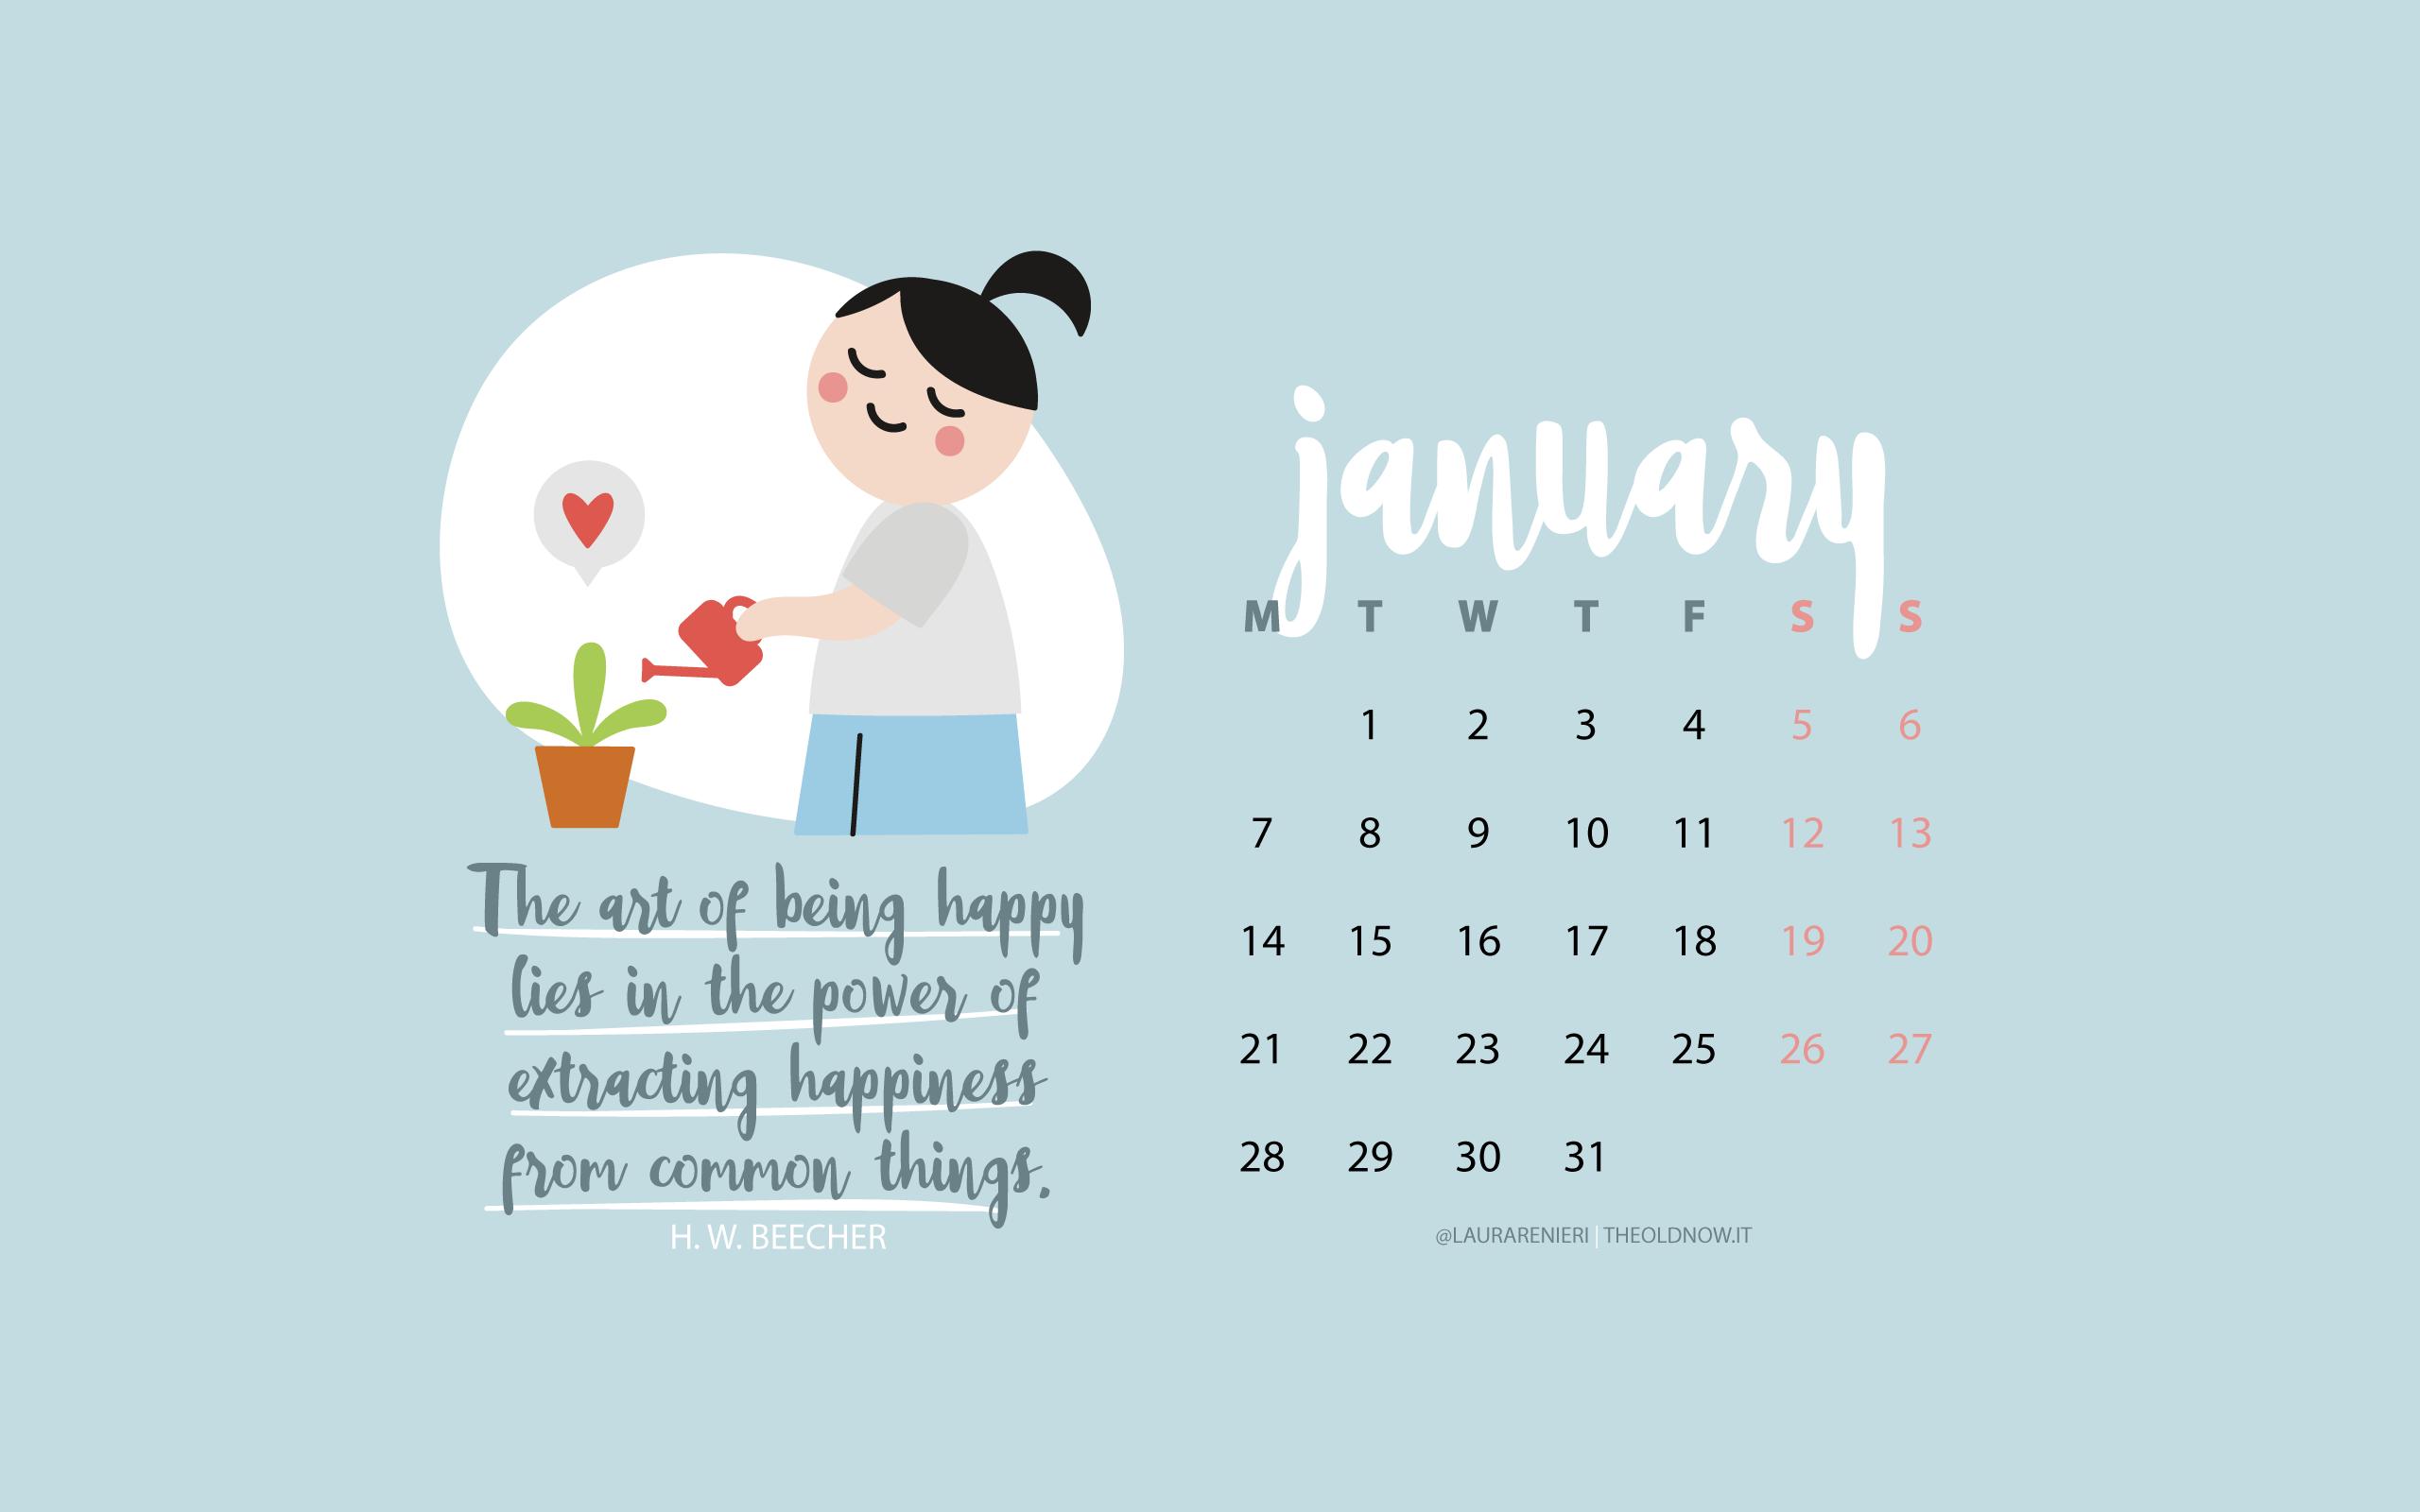 ton_calendar_01_wallpaper2